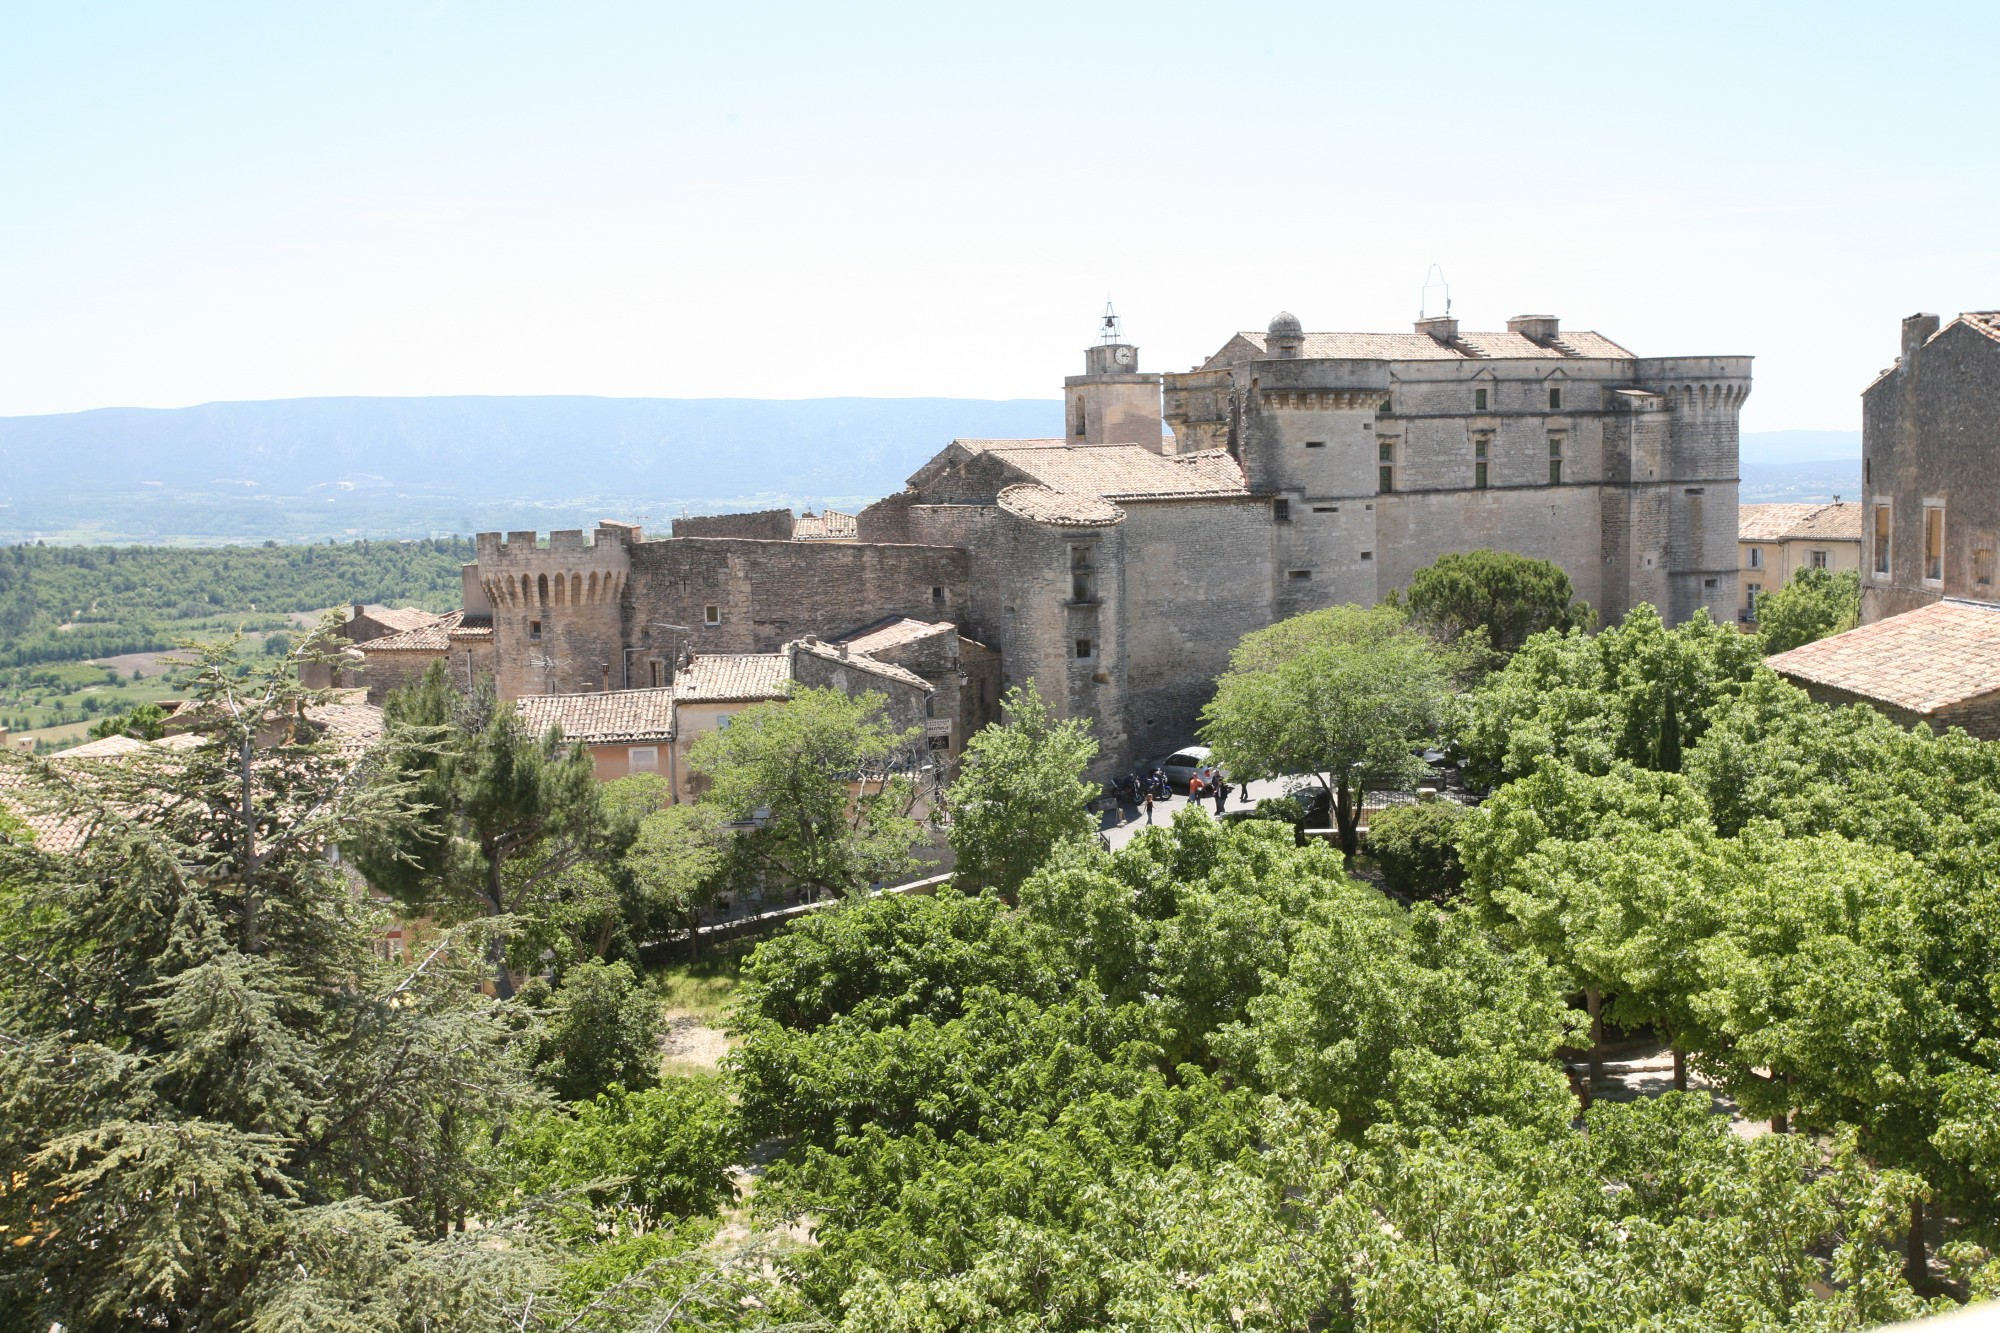 Le chateau de Gordes, façade nord